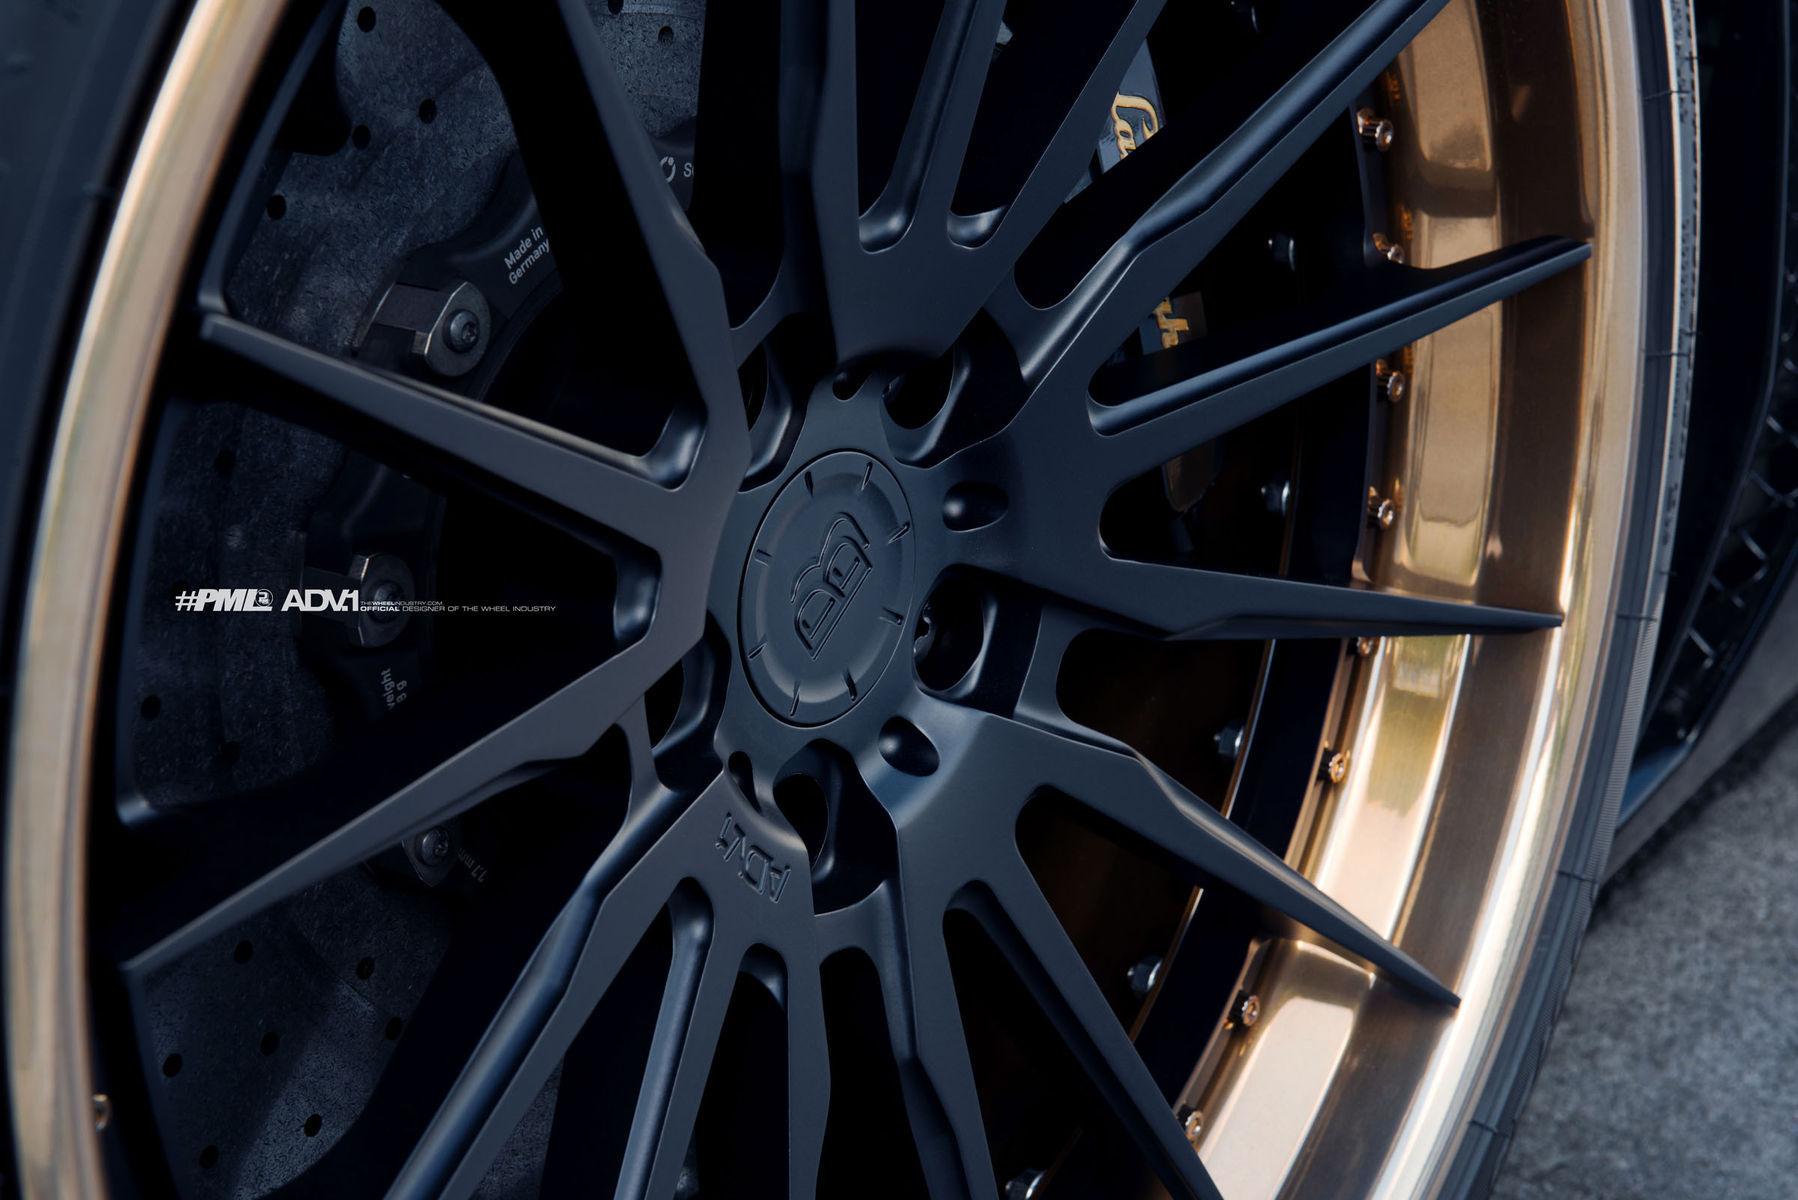 Lamborghini Aventador   Ben Baller's ADV.1 Wheels Lamborghini Aventador by Platinum Motorsport